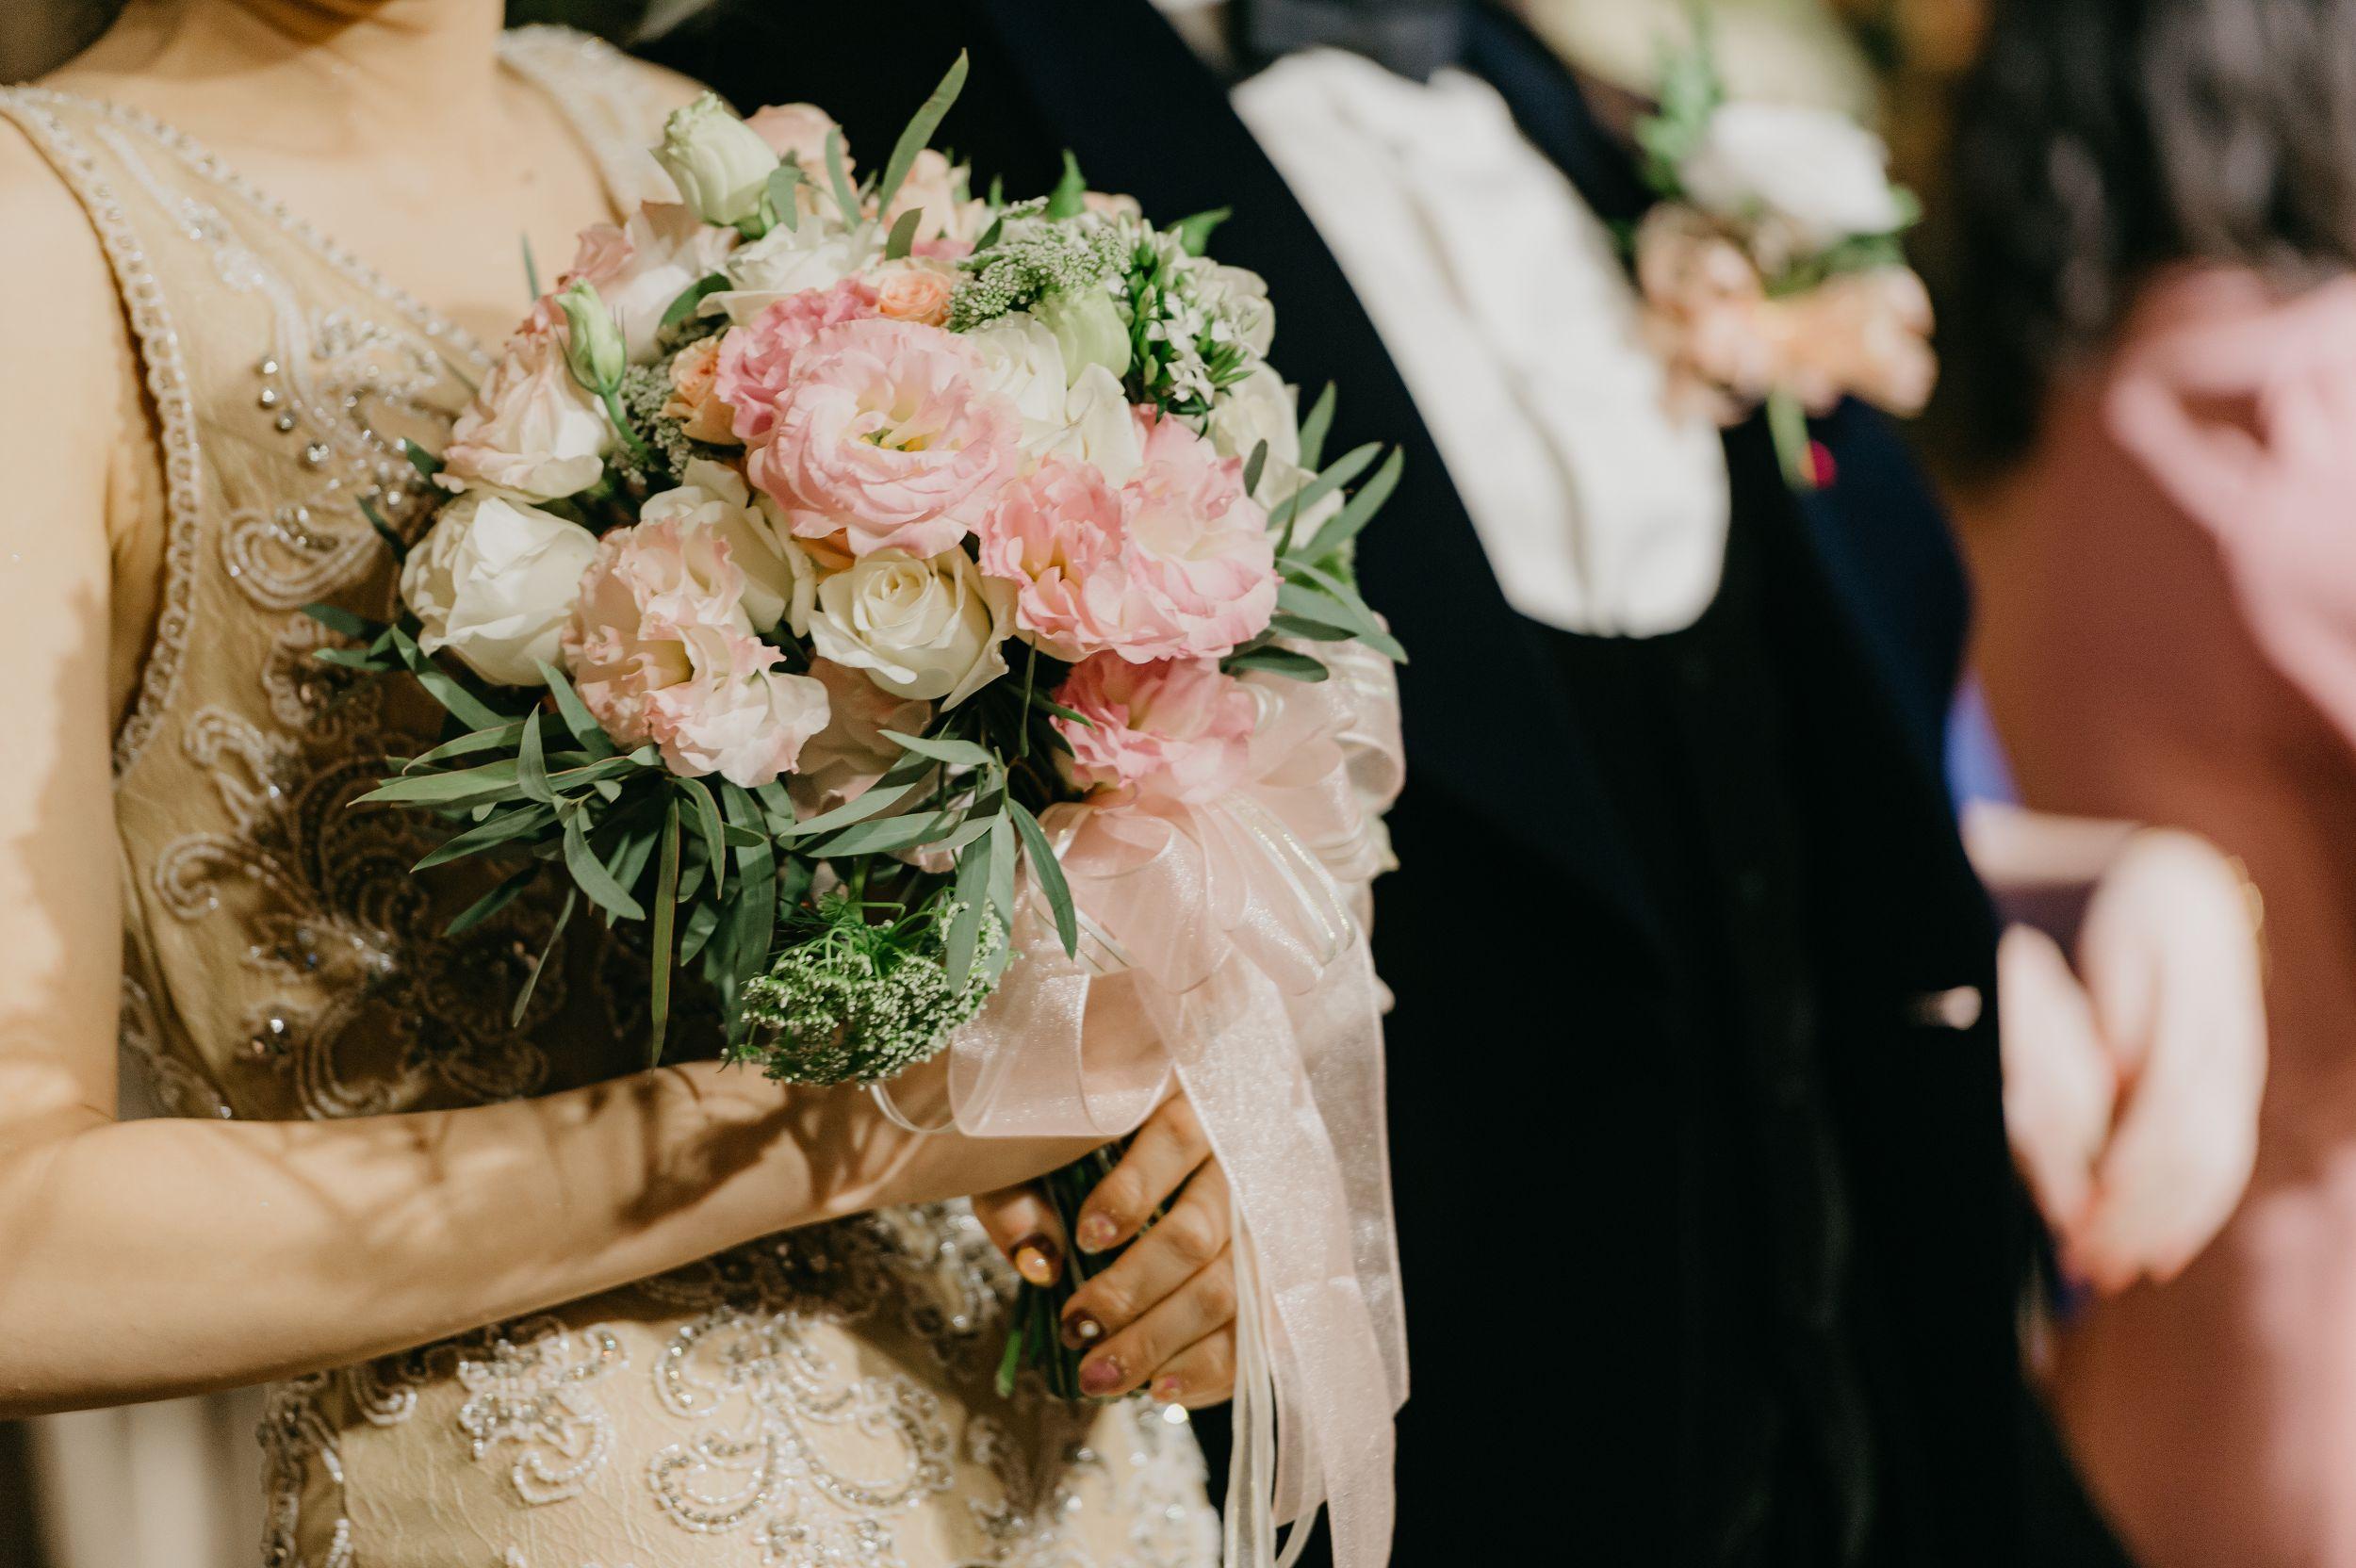 婚禮紀錄,婚攝,福容大飯店,雙機攝影,婚攝推薦,新娘物語推薦,風雲20攝影師,文定儀式,迎娶儀式,囍,闖關,文雅先生,莉維亞歐美頂級手工婚紗,西服,禮服,新秘造型,造型團隊,婚禮主持人,北部婚攝,婚禮攝影師,類婚紗,全家福,拜別父母,